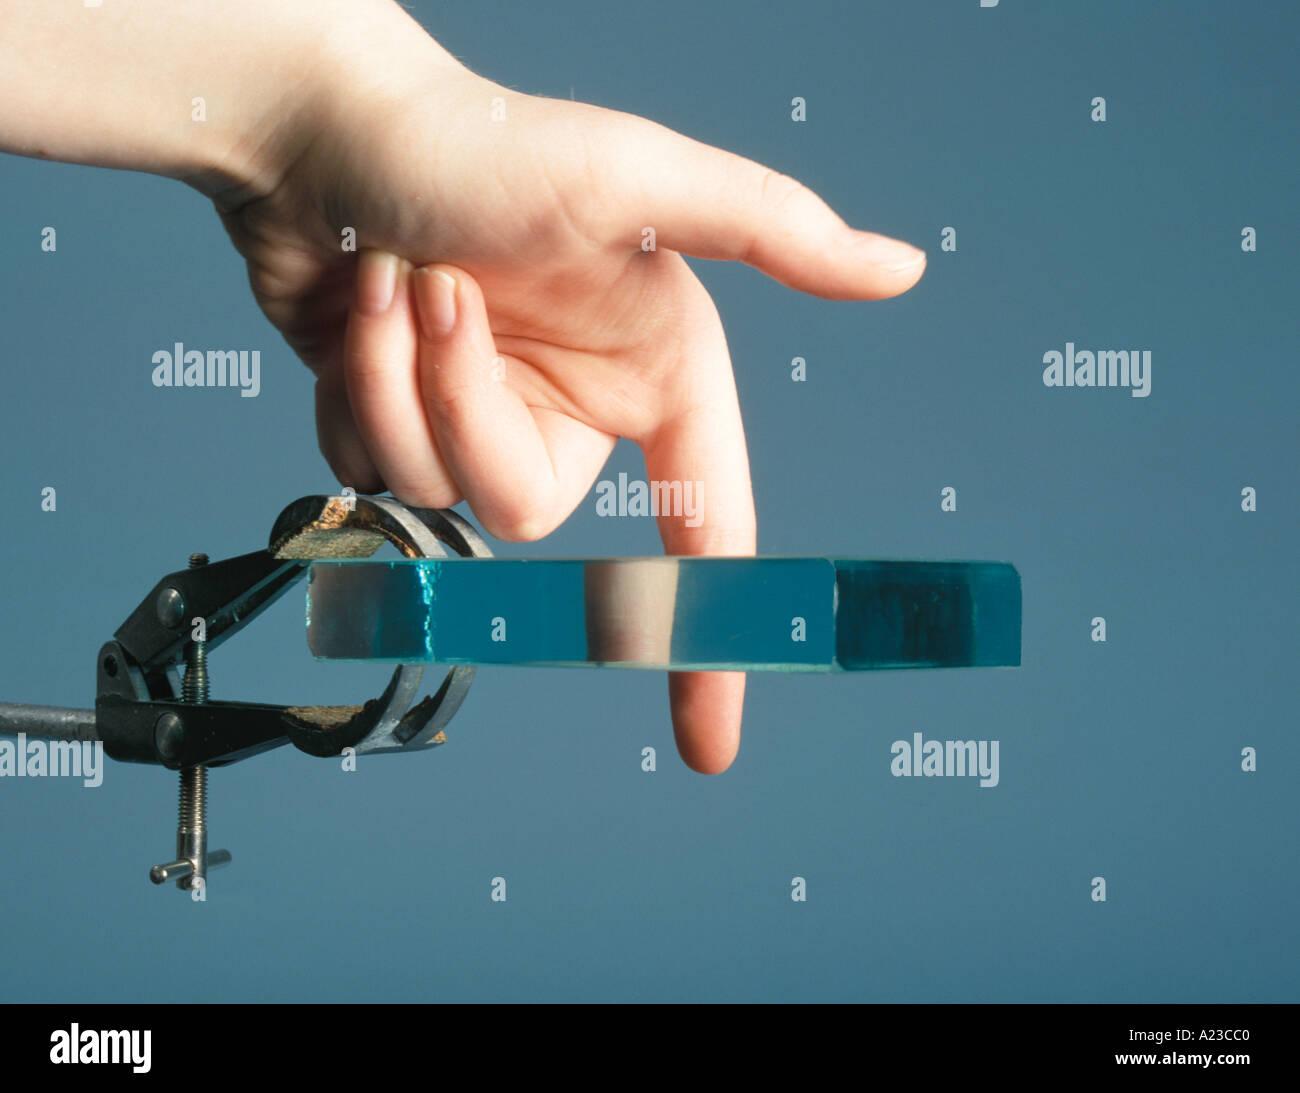 Un doigt semble avoir un morceau manquant lors de la vue à travers un bloc de verre en raison de la réfraction de la lumière Photo Stock